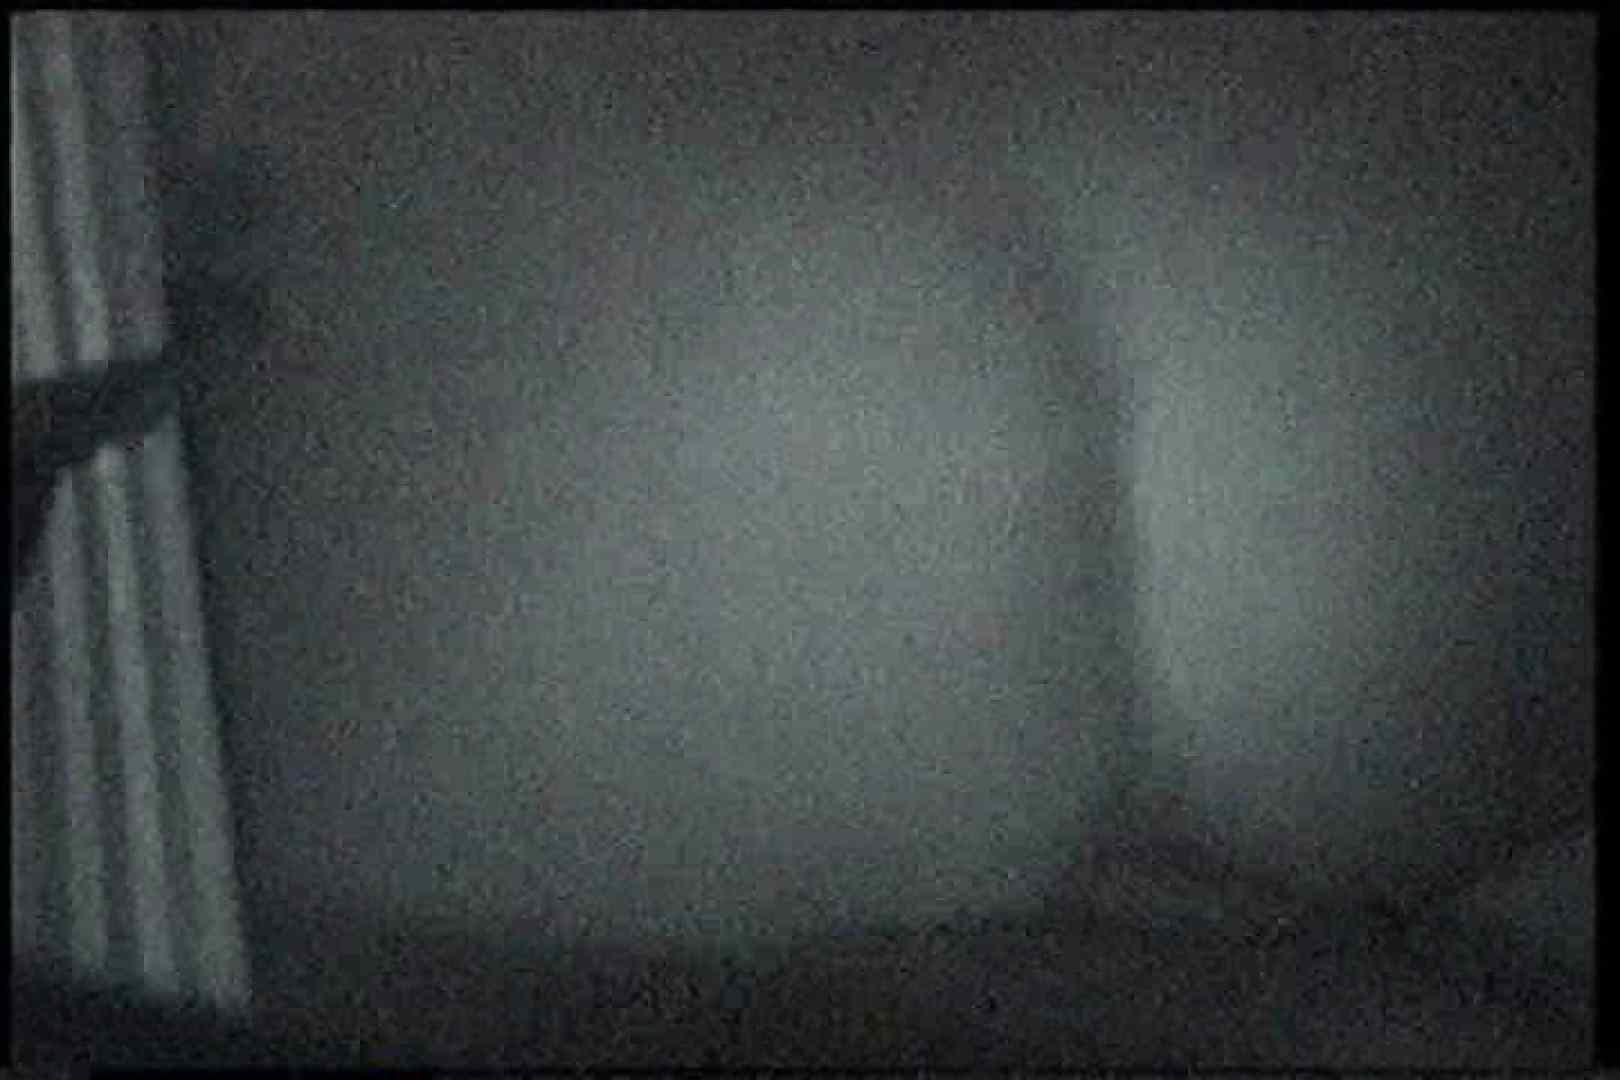 「充血監督」さんの深夜の運動会!! vol.163 フェラチオシーン すけべAV動画紹介 110pic 92